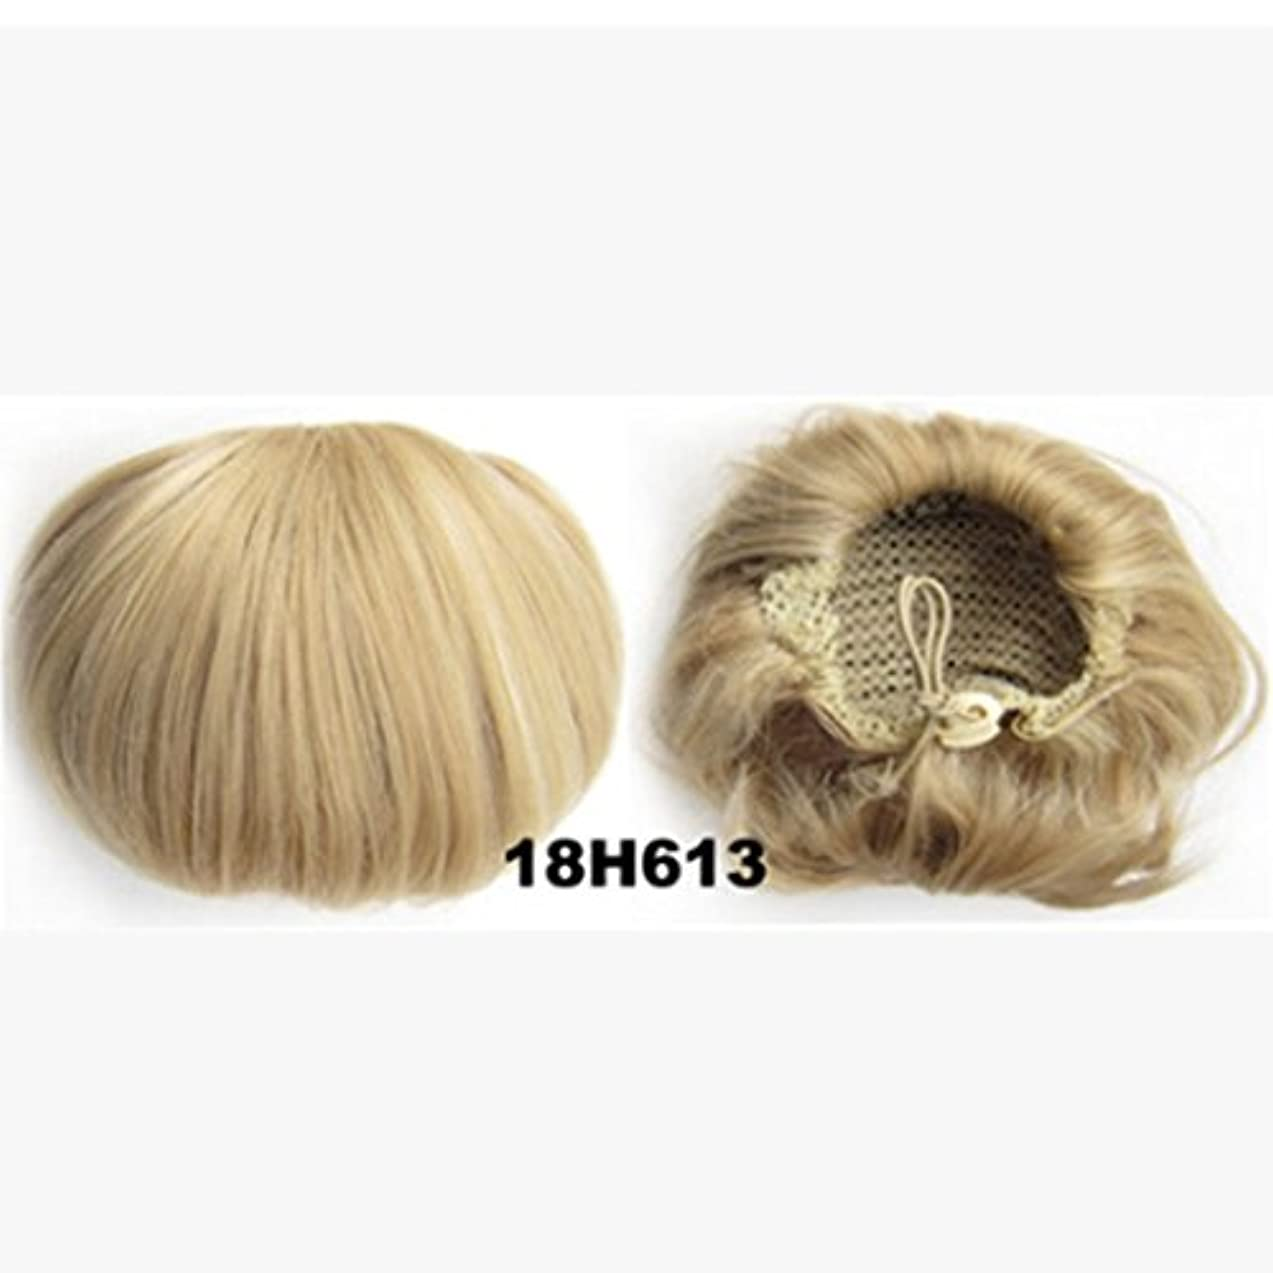 く廃棄する固執Koloeplf エクステンション自然な普通のミートボールのヘアウィッグとブライダルメイクアップに使用することができるウィッグヘアバッグヘアバンド (Color : 18H613)